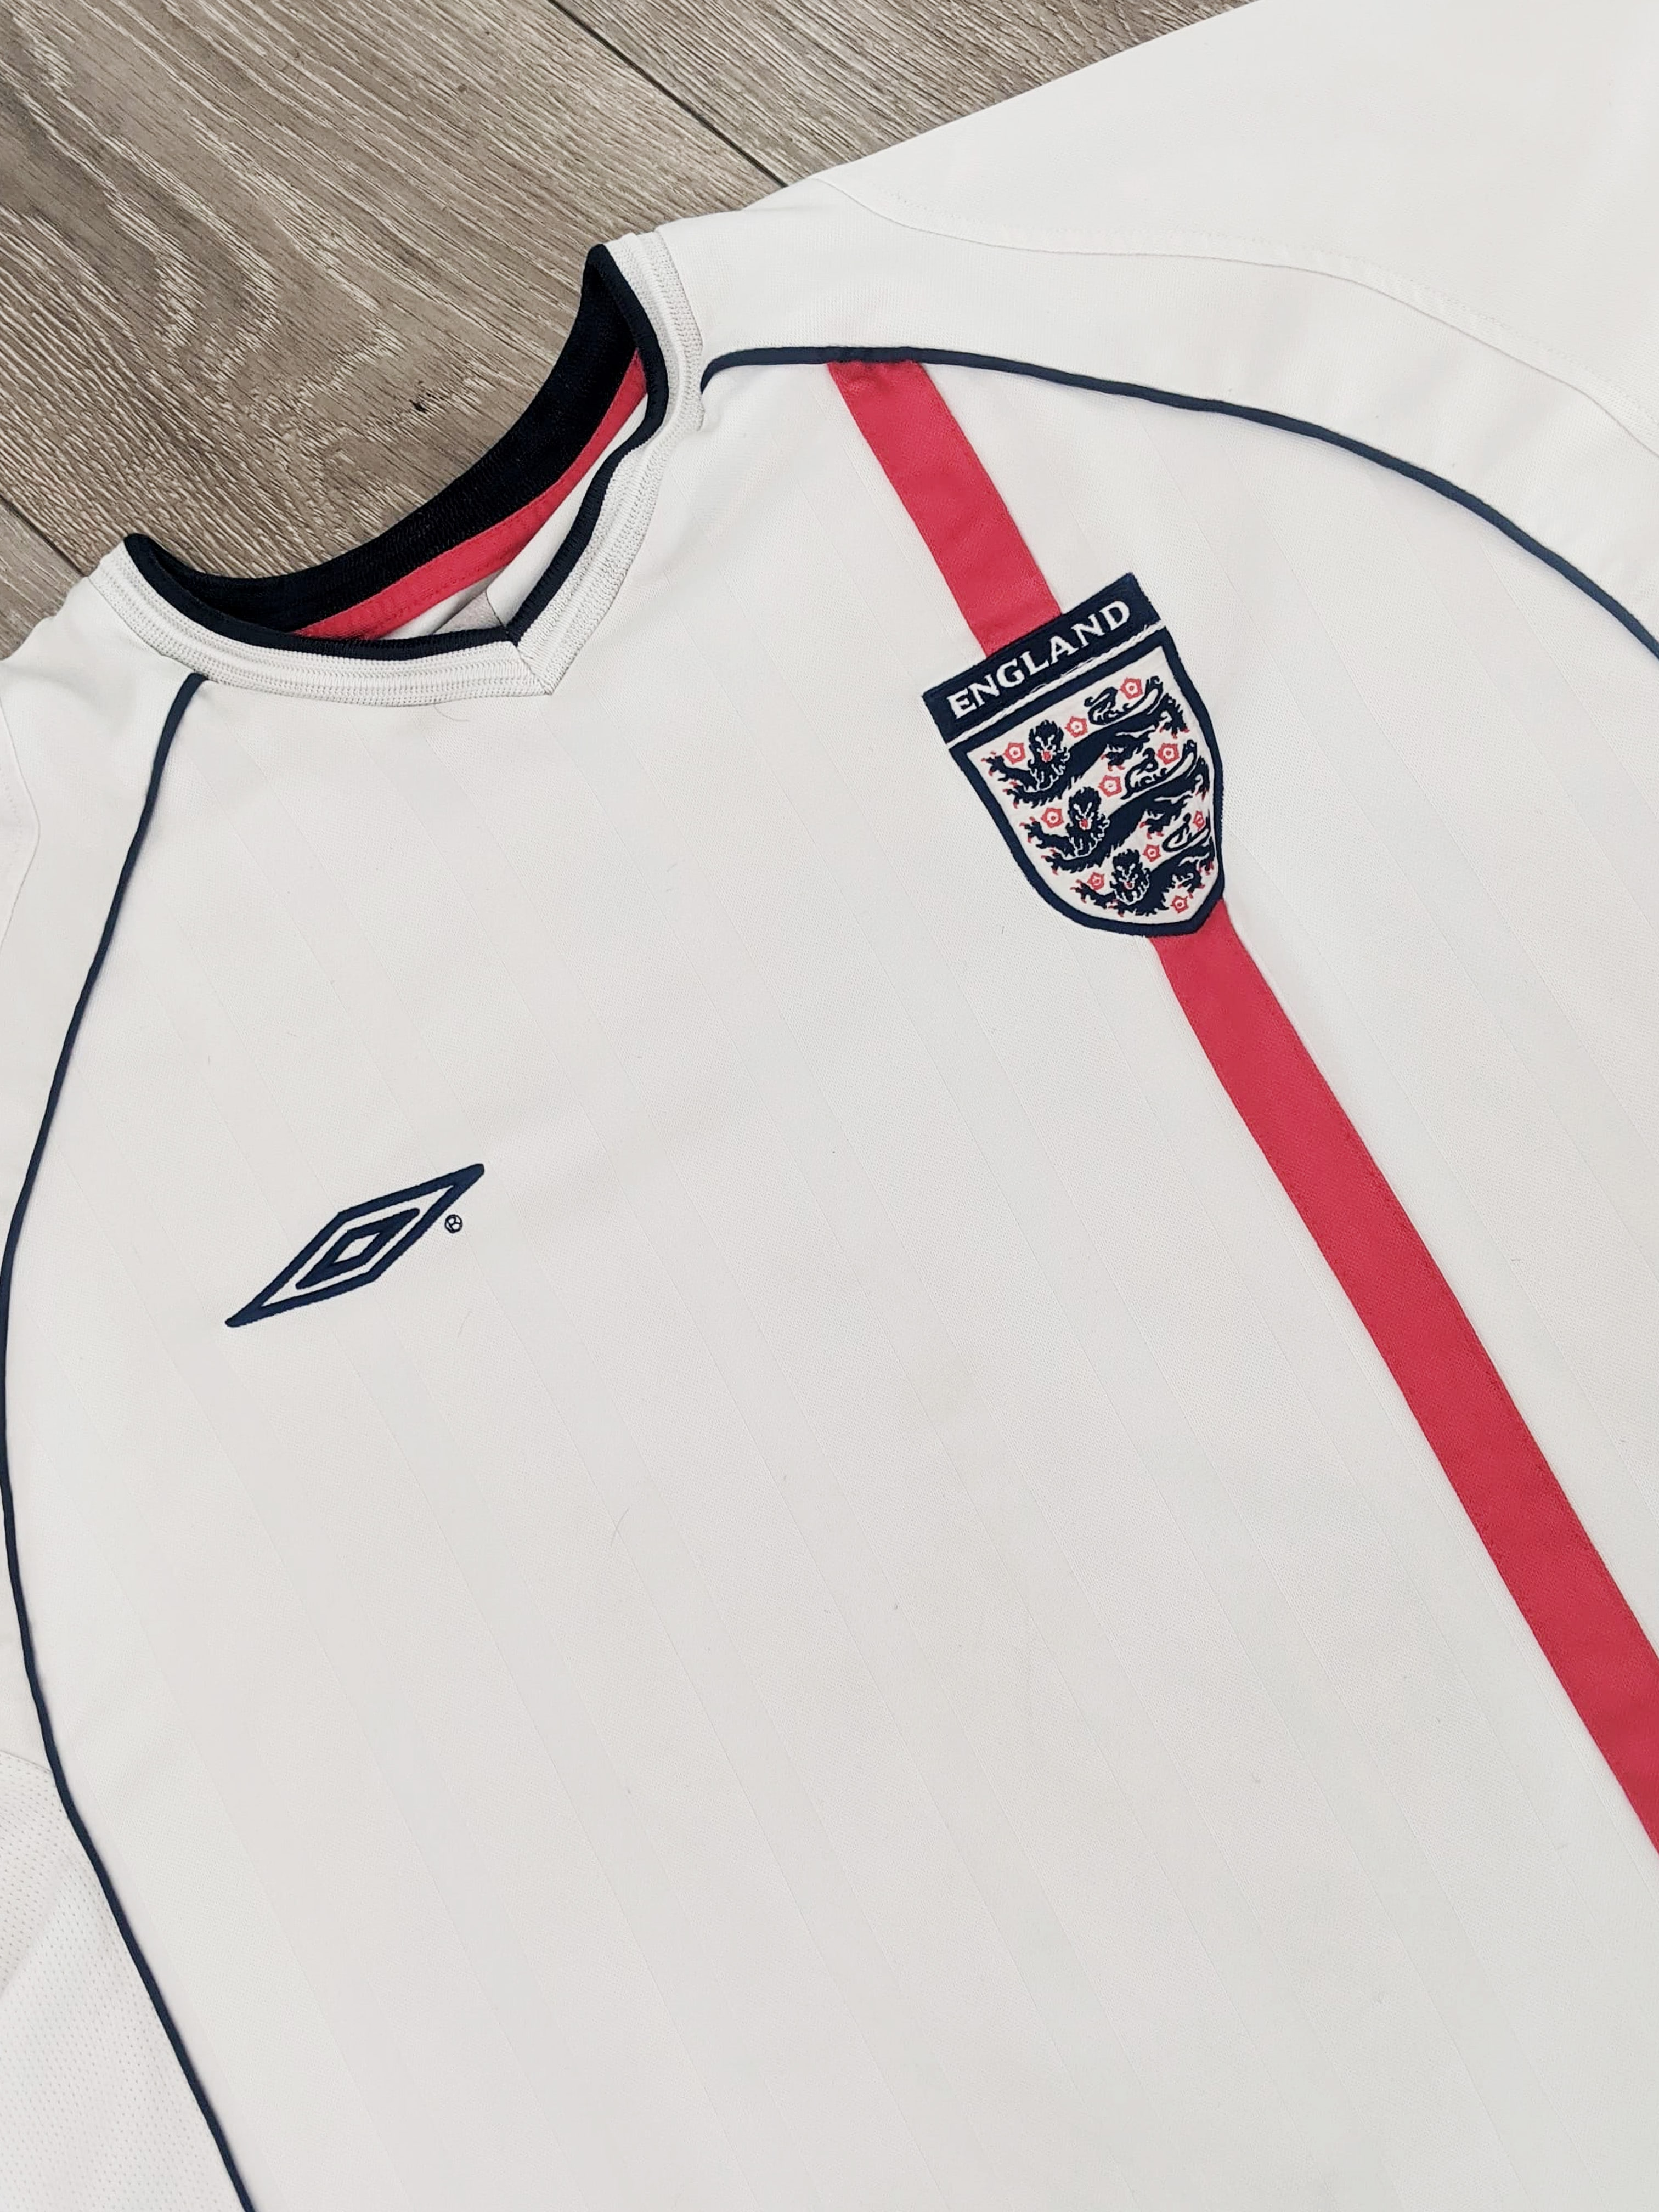 England home - 2001/02